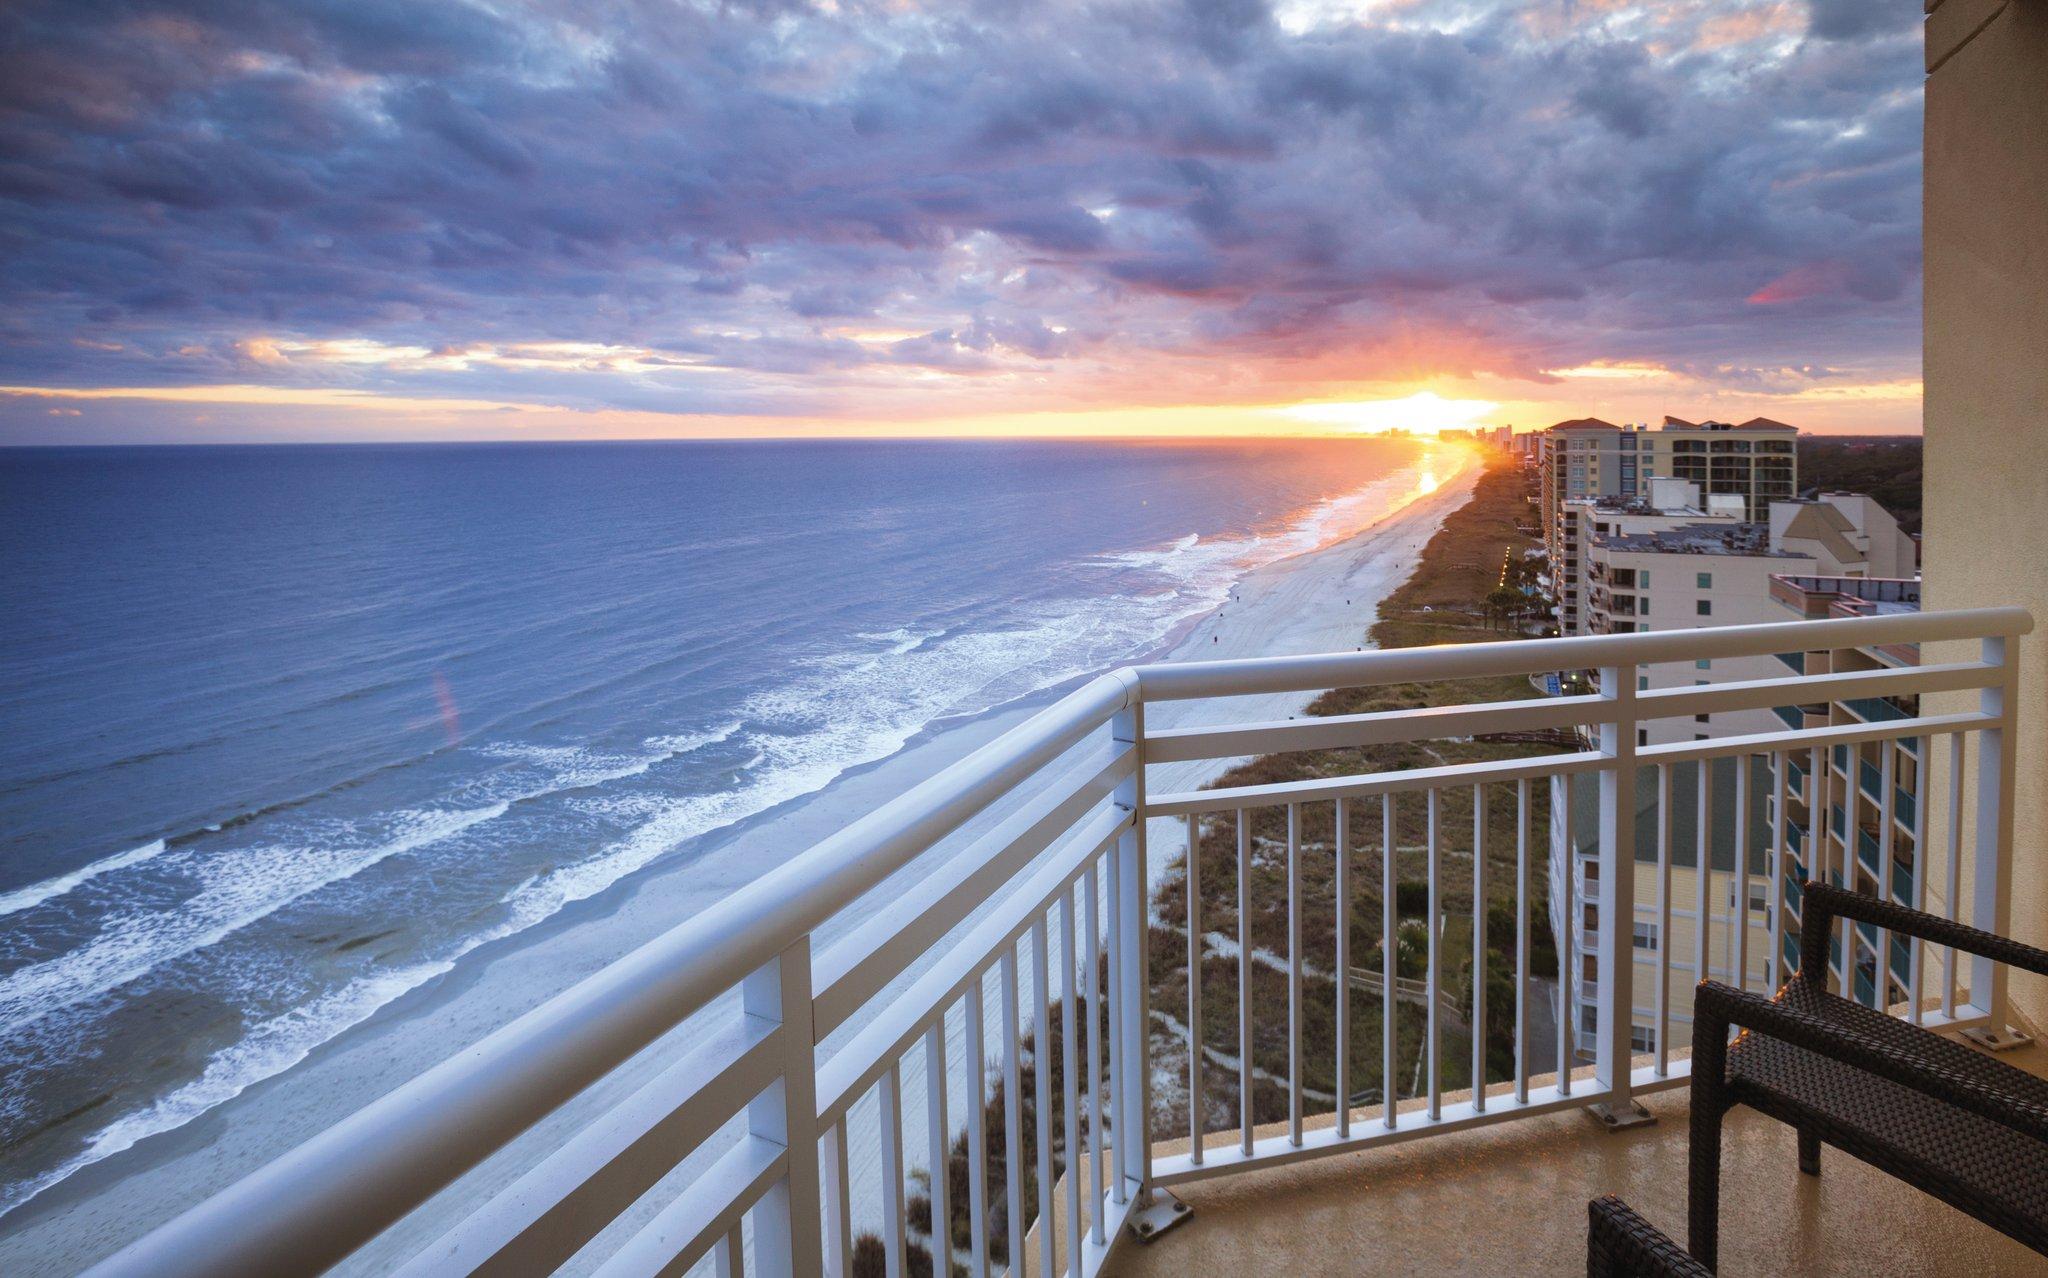 Wyndham Ocean Blvd. Resort